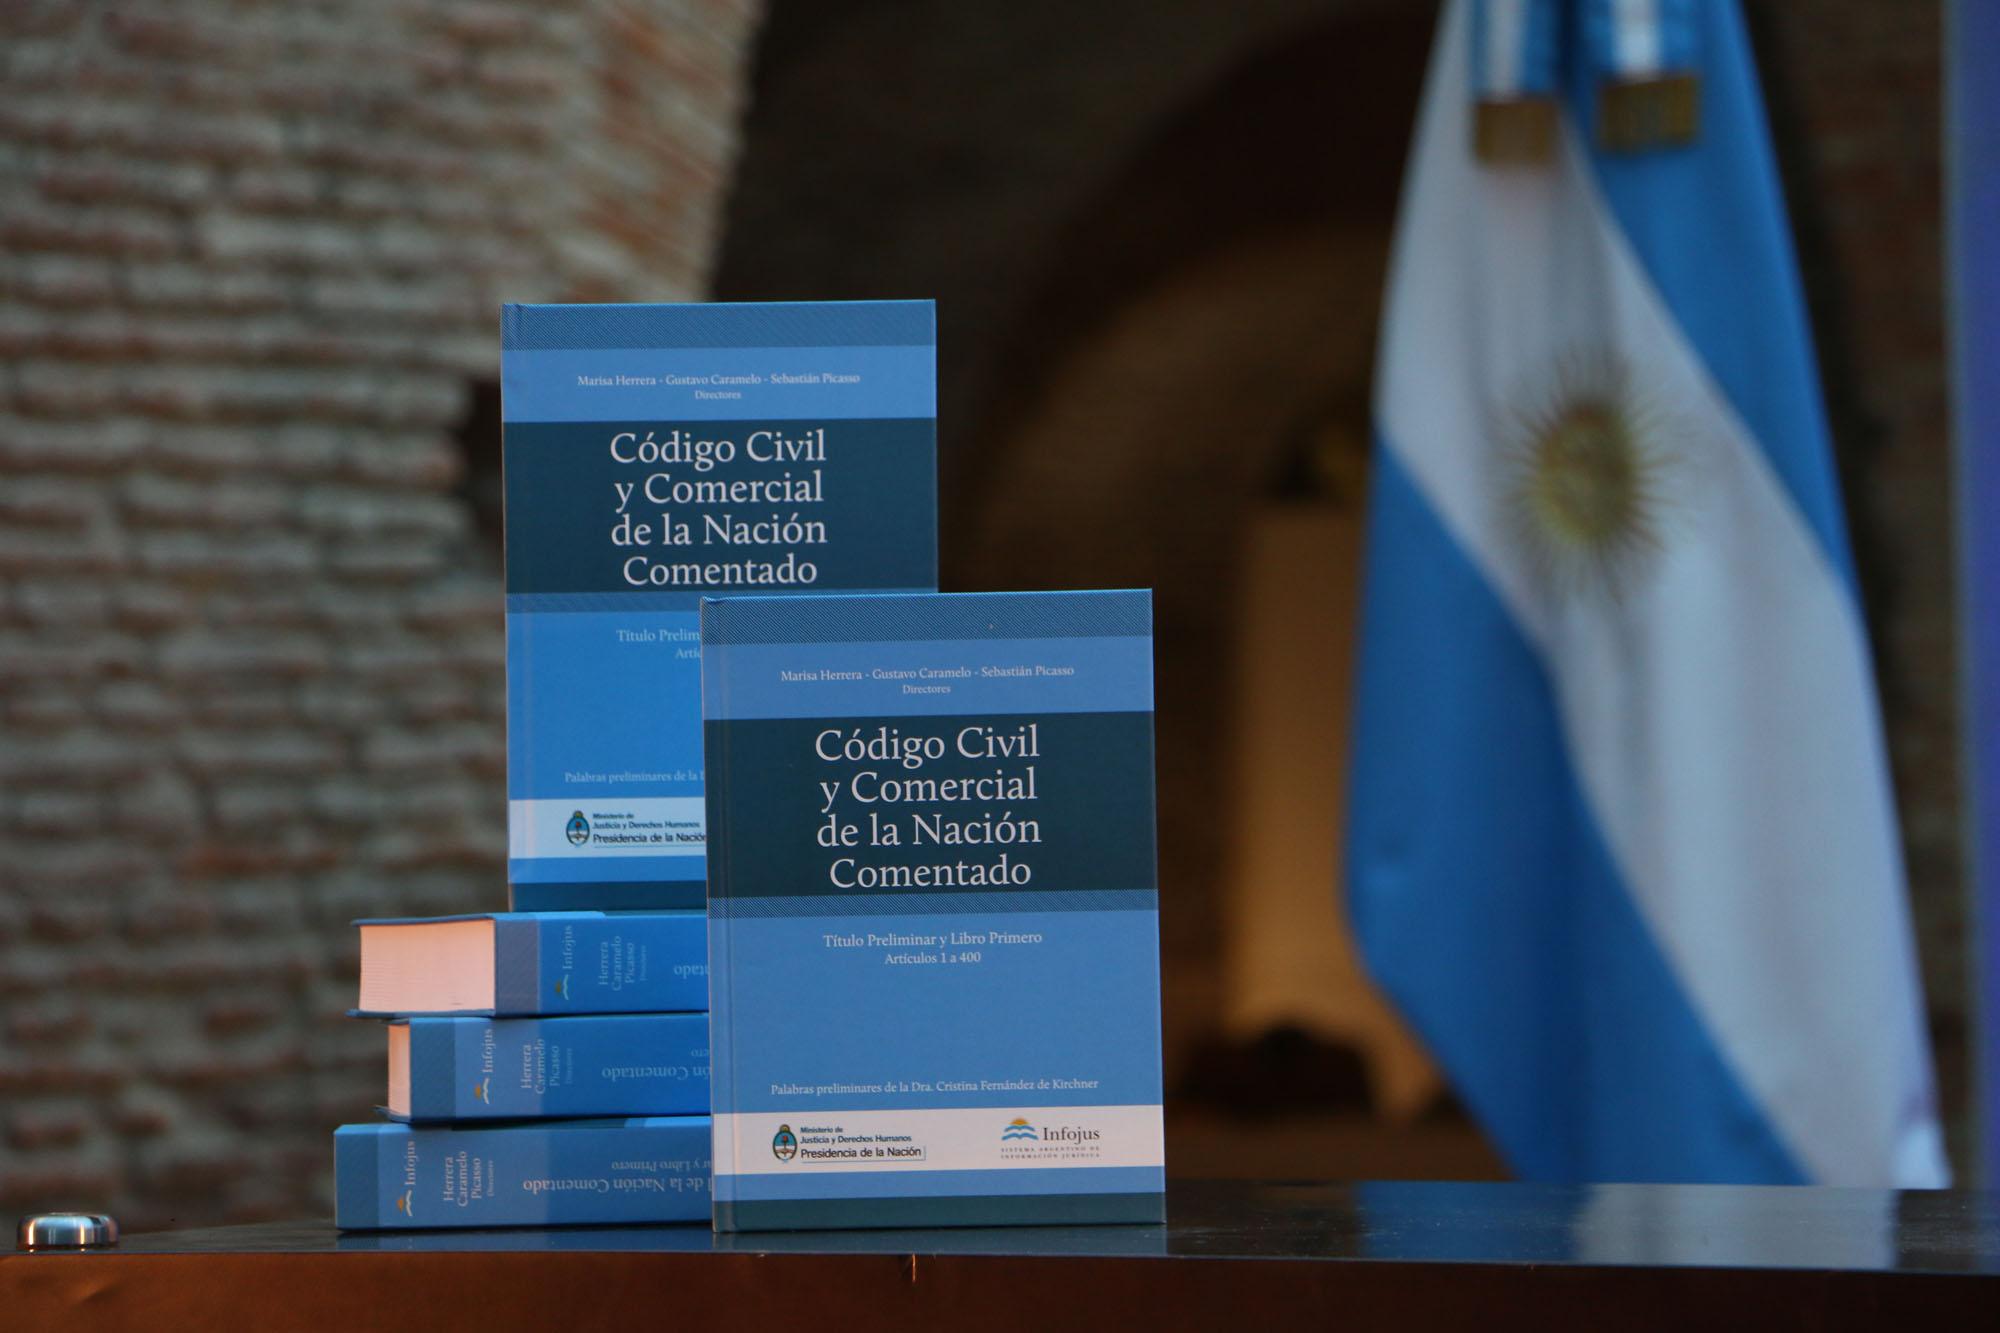 Finalizó el Congreso de actualización sobre el nuevo Código Civil y Comercial de la Nación